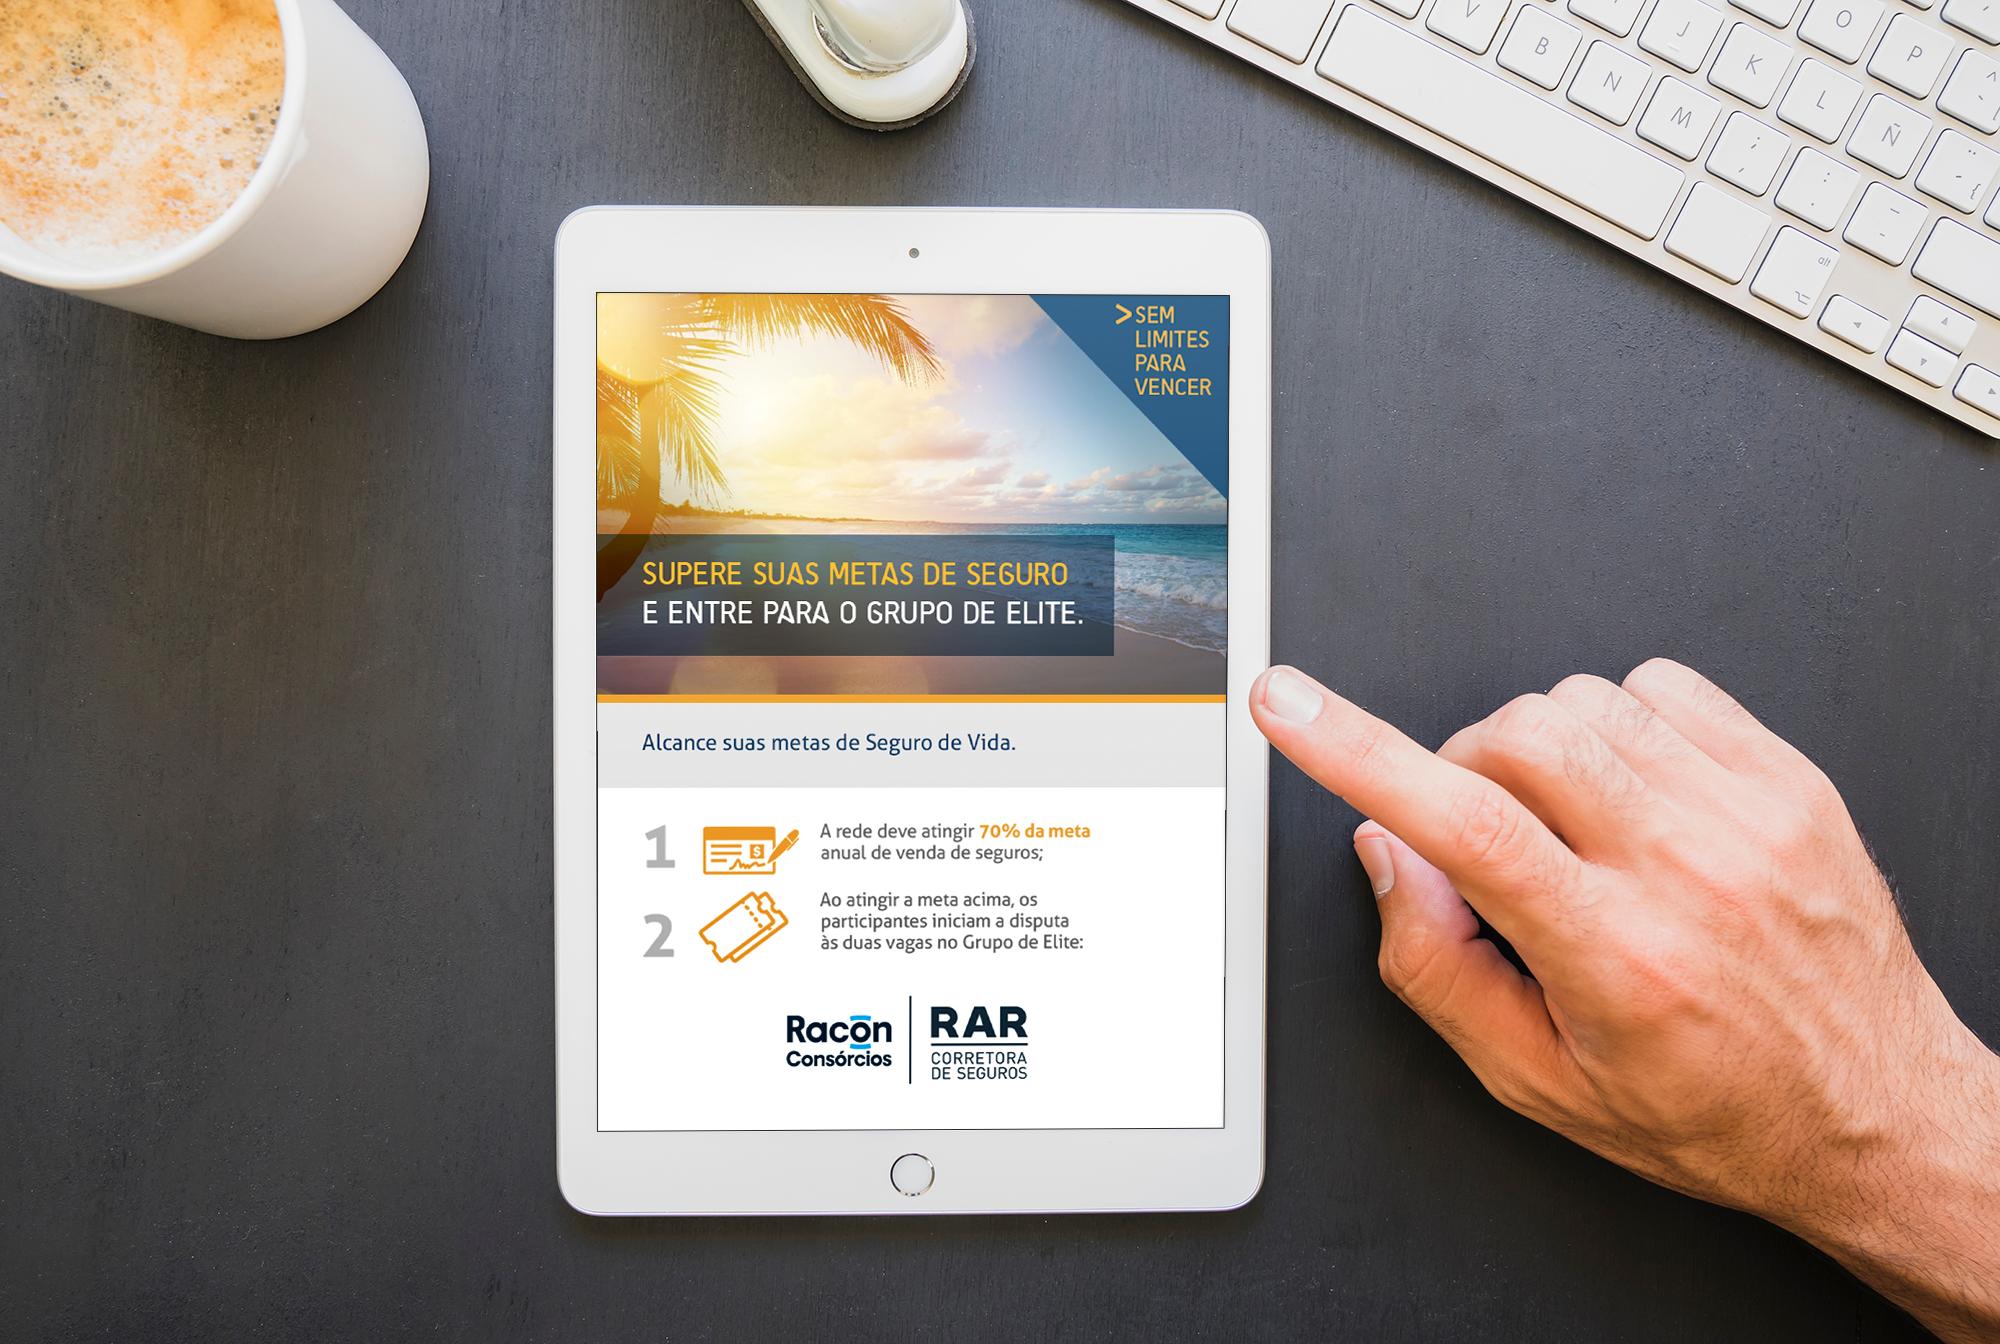 E-mail Marketing Corretora RAR